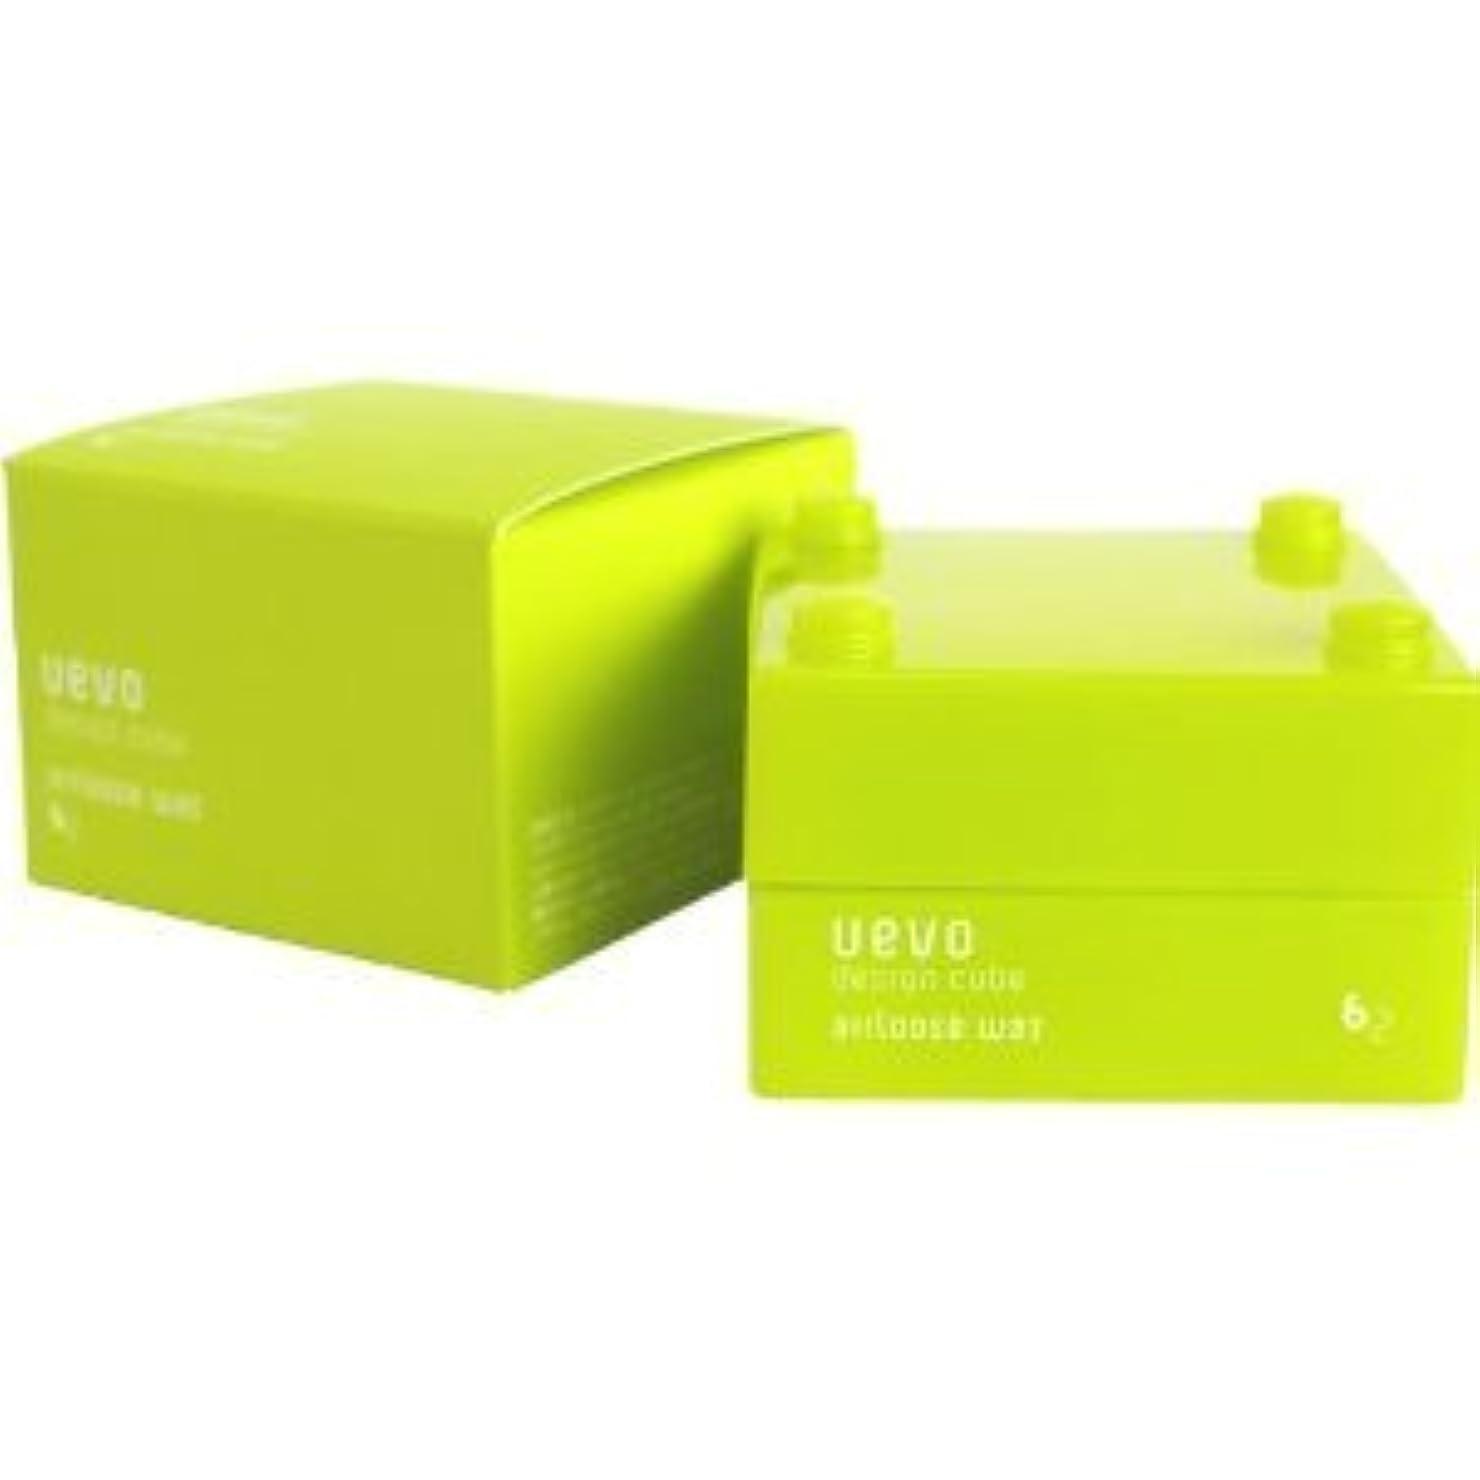 乙女否定する人口【X2個セット】 デミ ウェーボ デザインキューブ エアルーズワックス 30g airloose wax DEMI uevo design cube